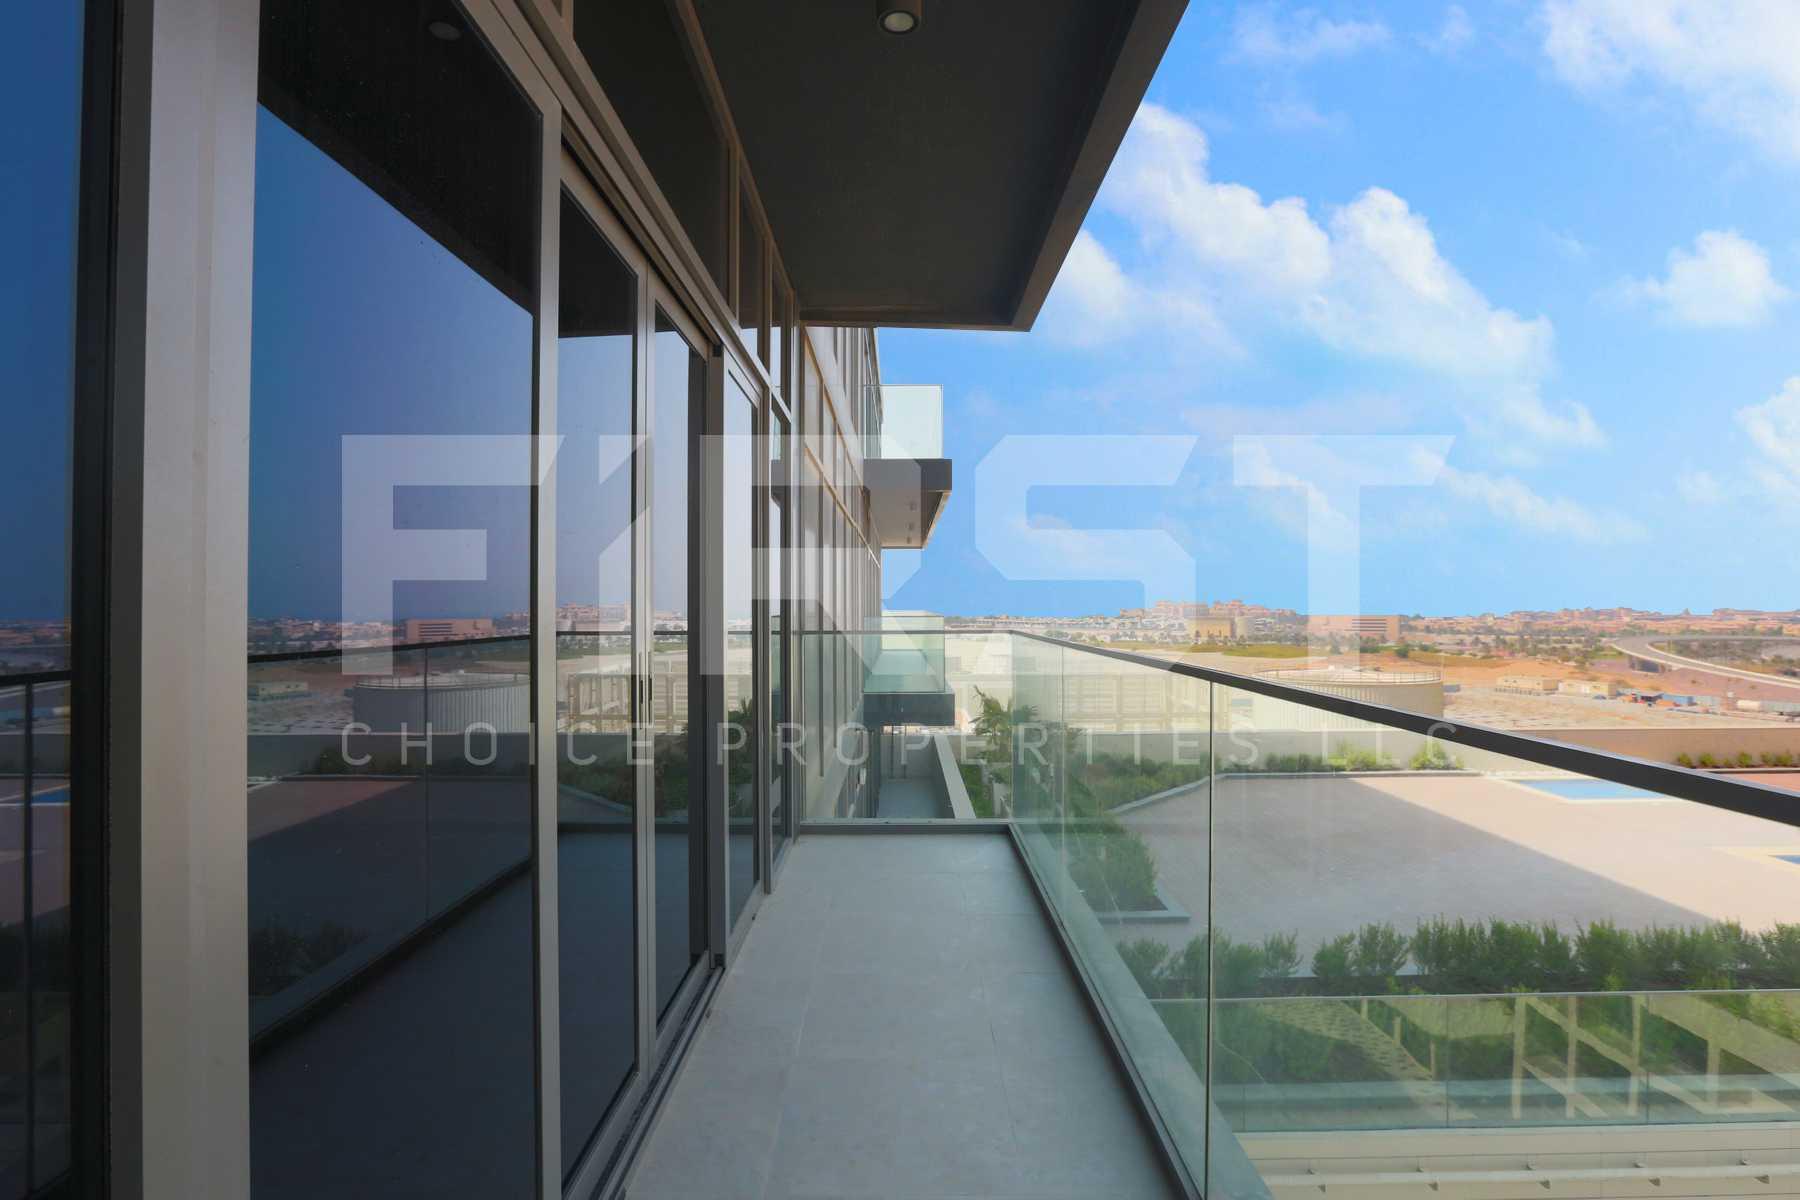 Internal of Studio Apartment in Park View Saadiyat Island Abu Dhabi UAE (4).jpg